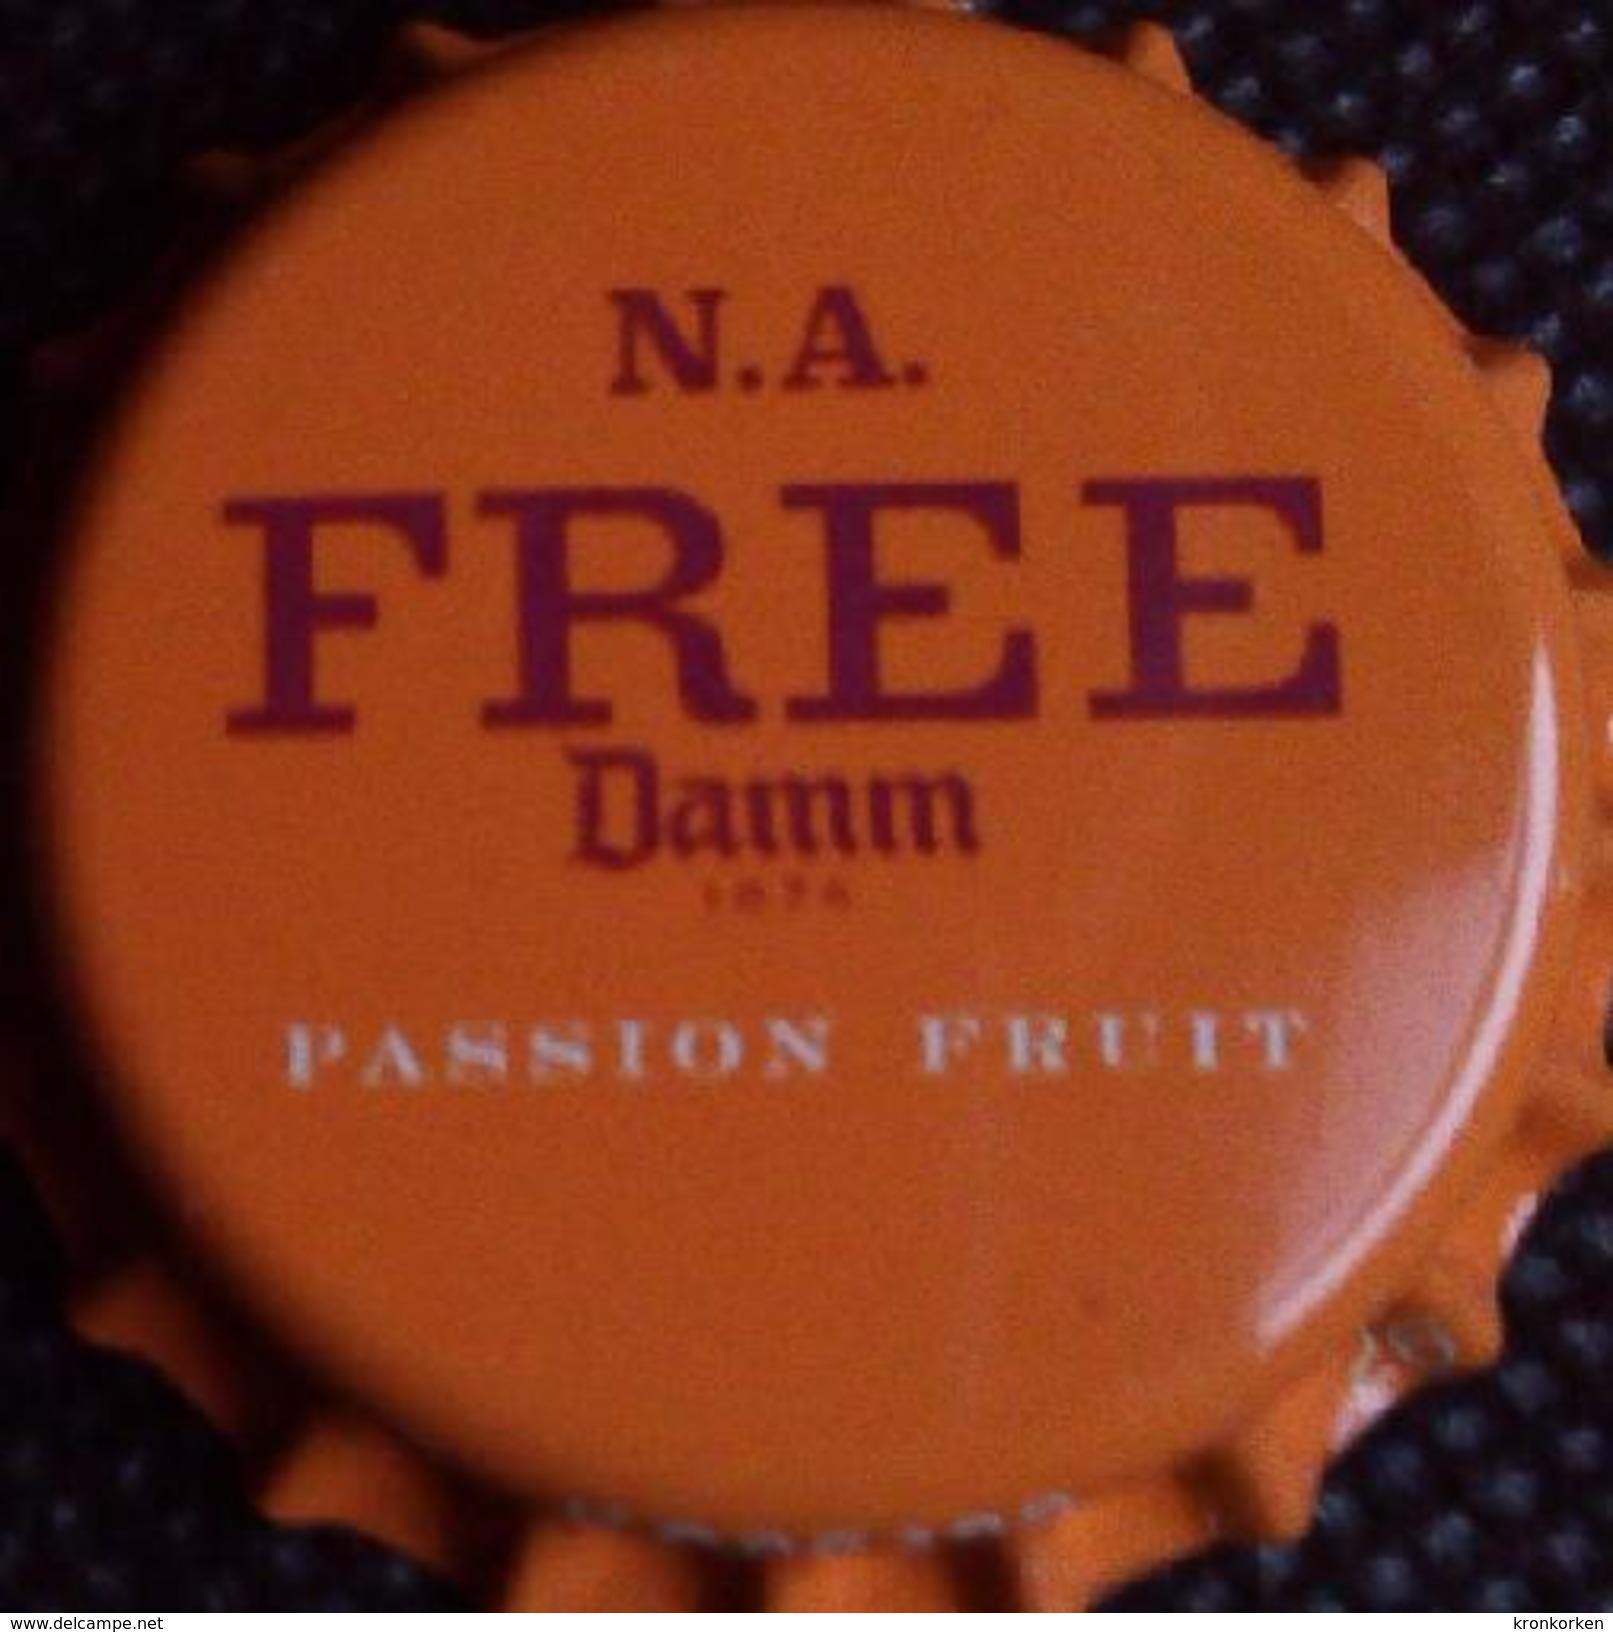 Damm Free Passion Fruit Export To Qatar + Saudi Arabia Bier Kronkorken Beer Bottle Crown Cap Chapa Cerveza Capsule Biere - Cerveza